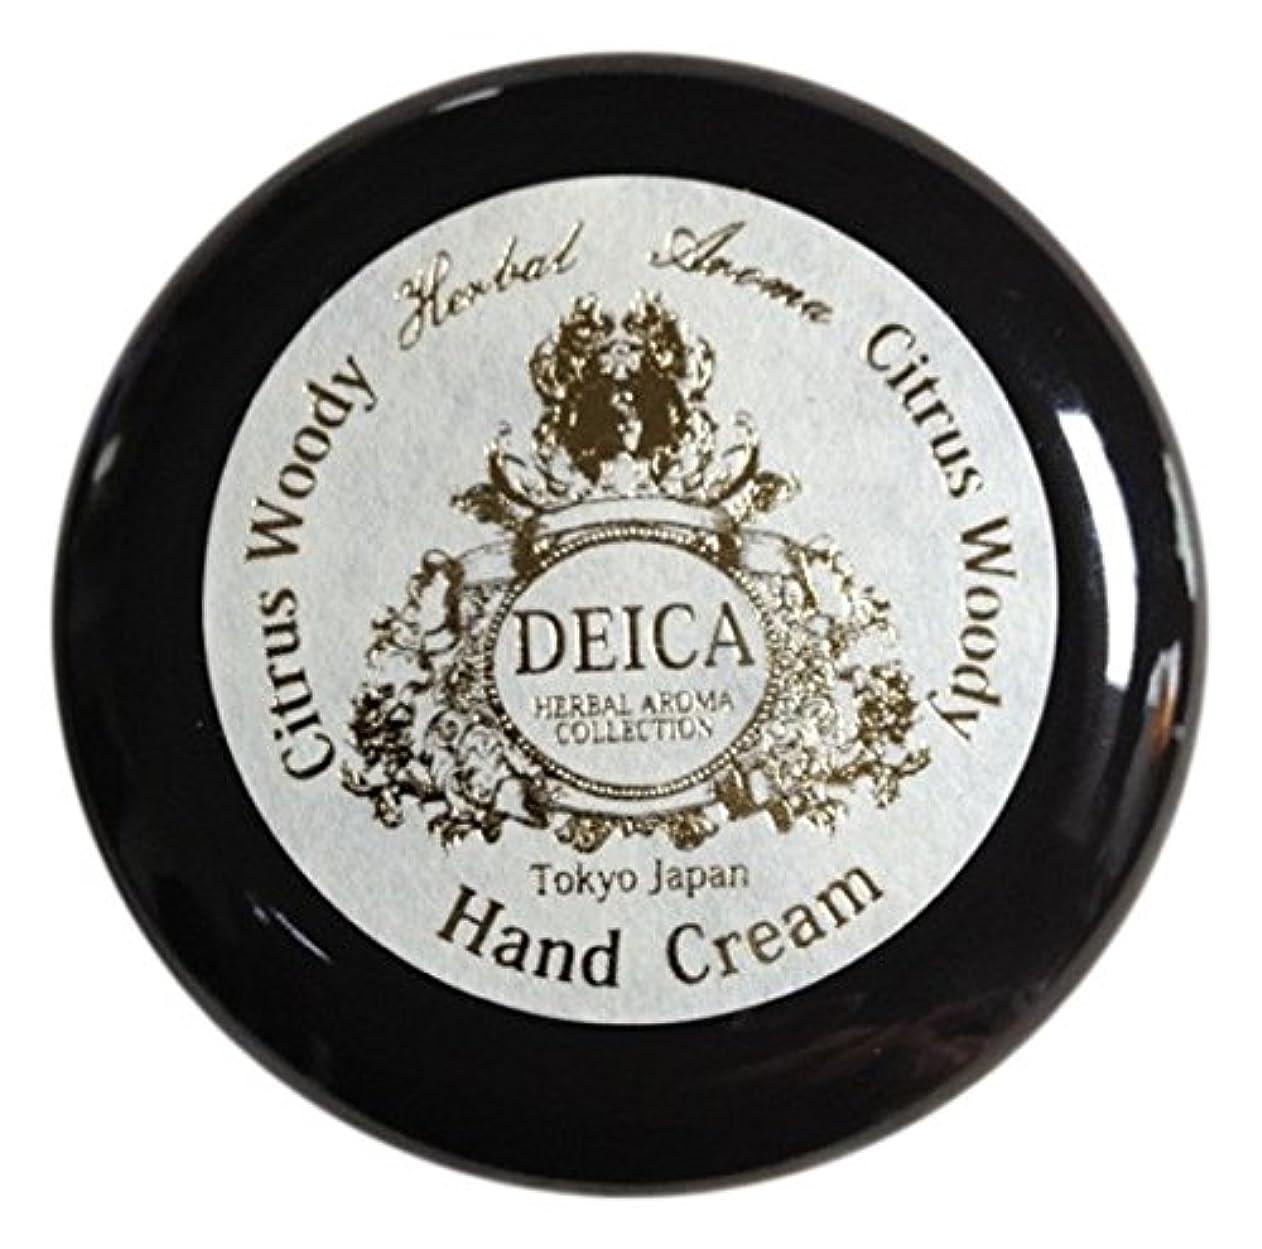 事実上プラスチックDEICA ハーバルアロマ ハンドクリーム シトラスウッディ